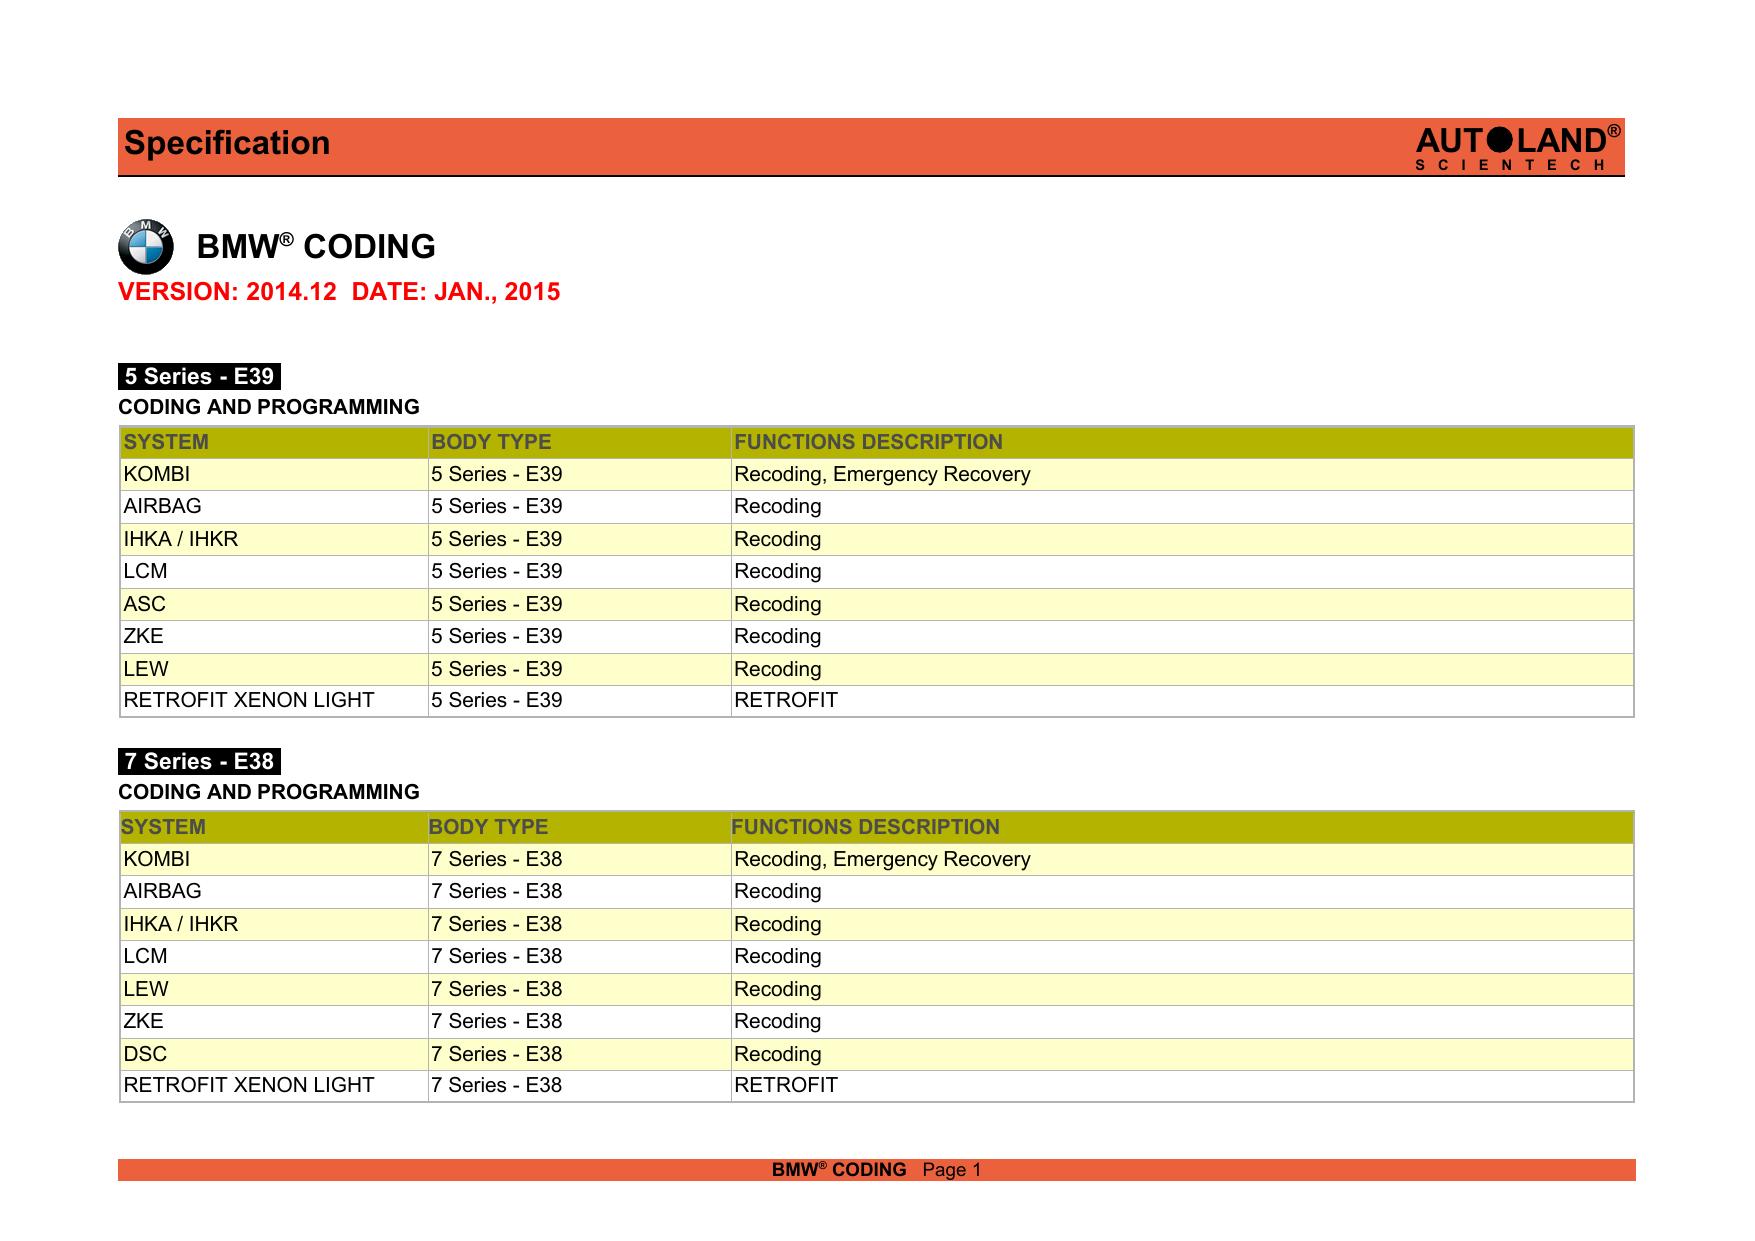 bmw coding v2014 12 - Autoland Scientech | manualzz com